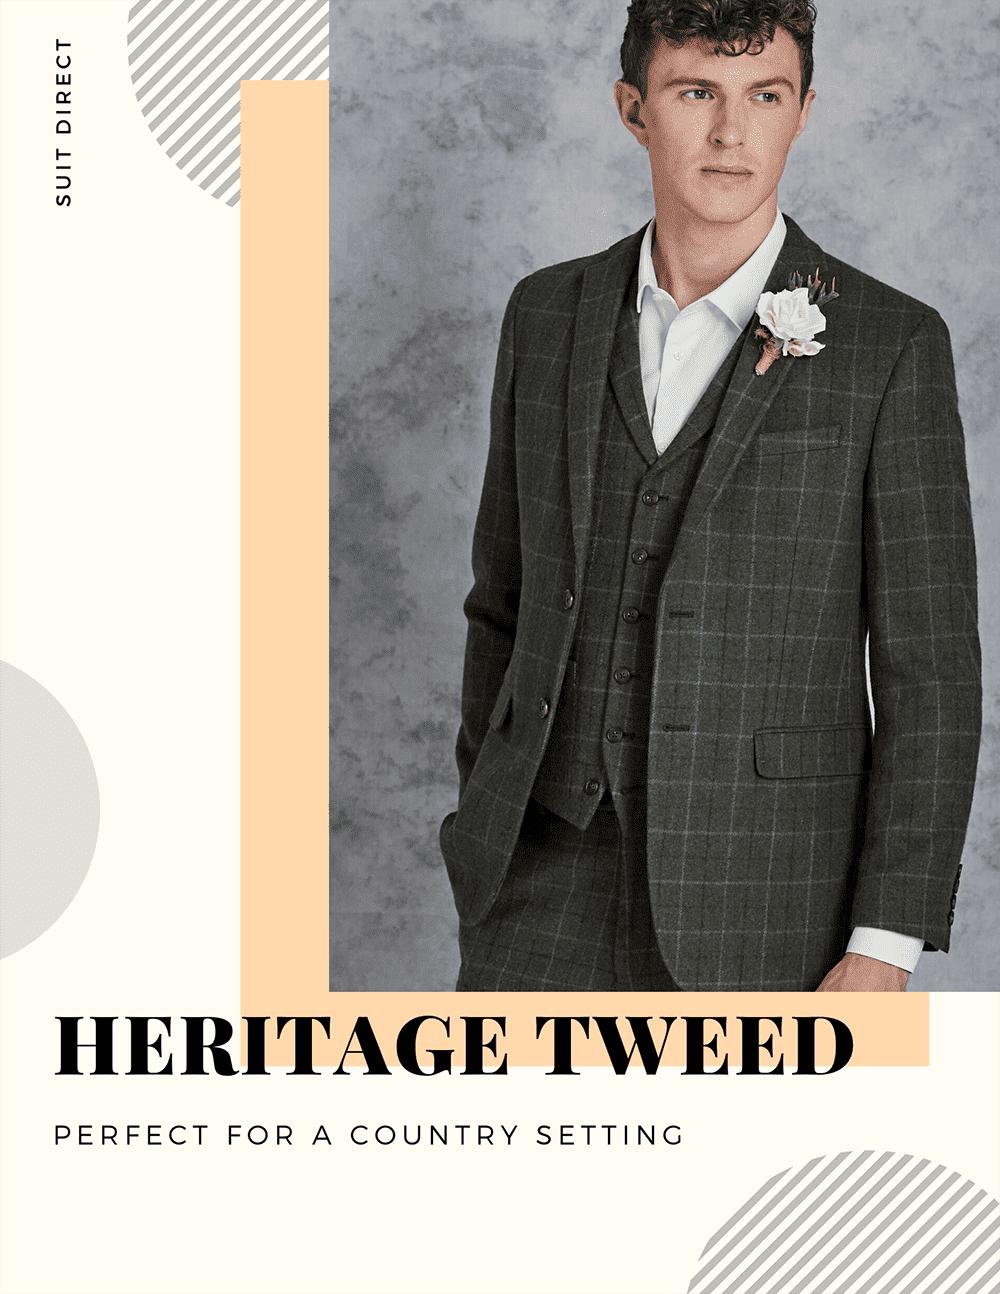 Heritage Tweed Mens Grooms Wedding Suit